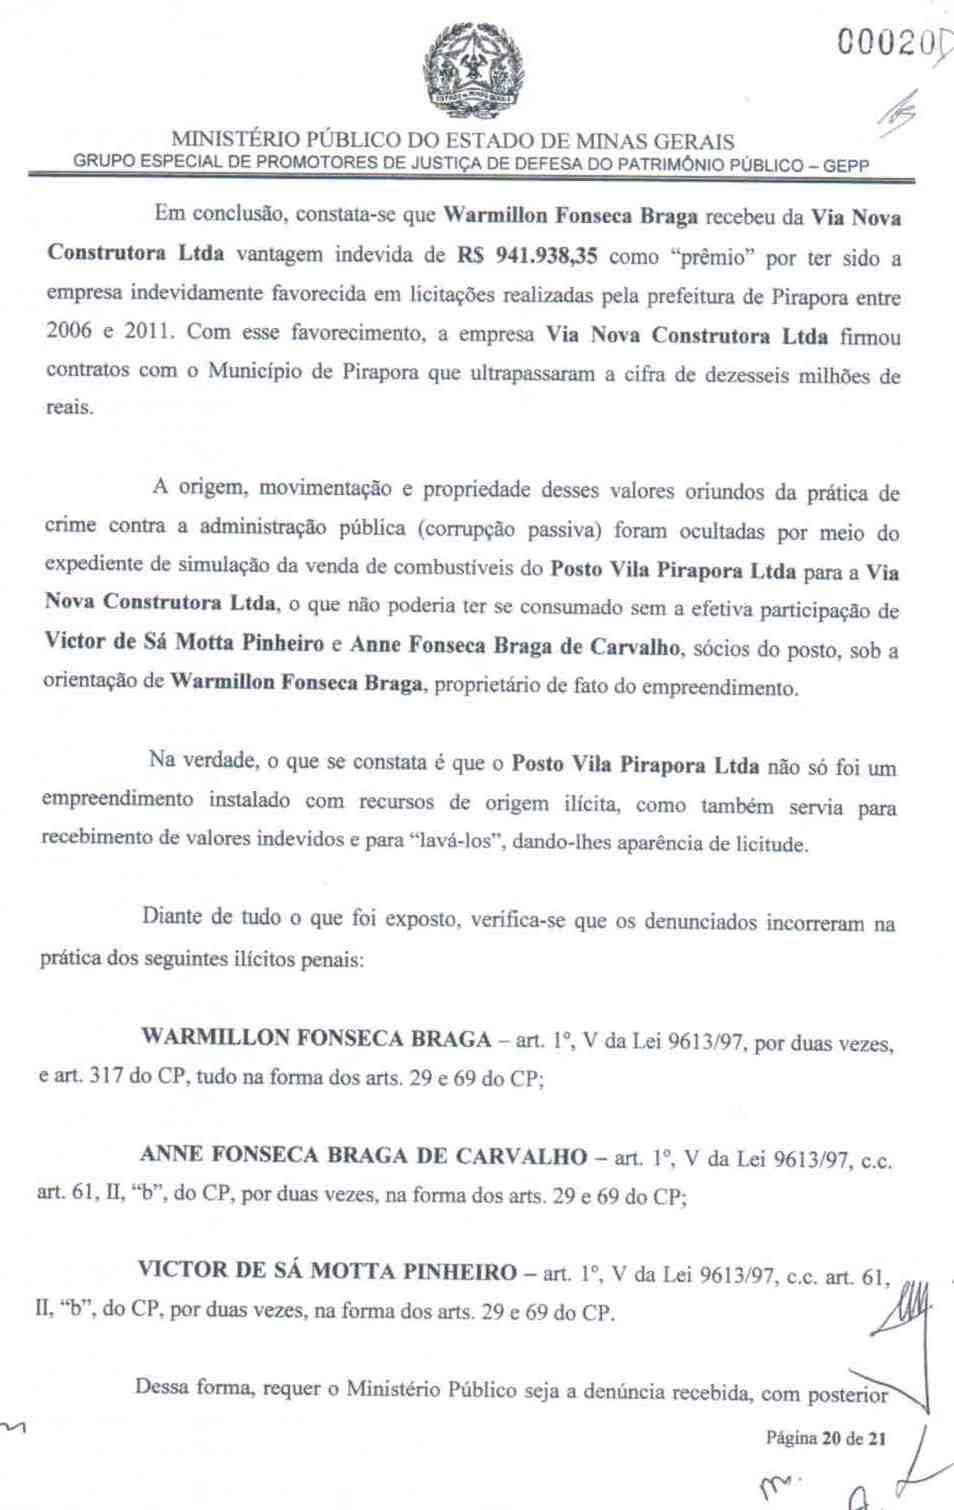 Artigo 9 codigo civil